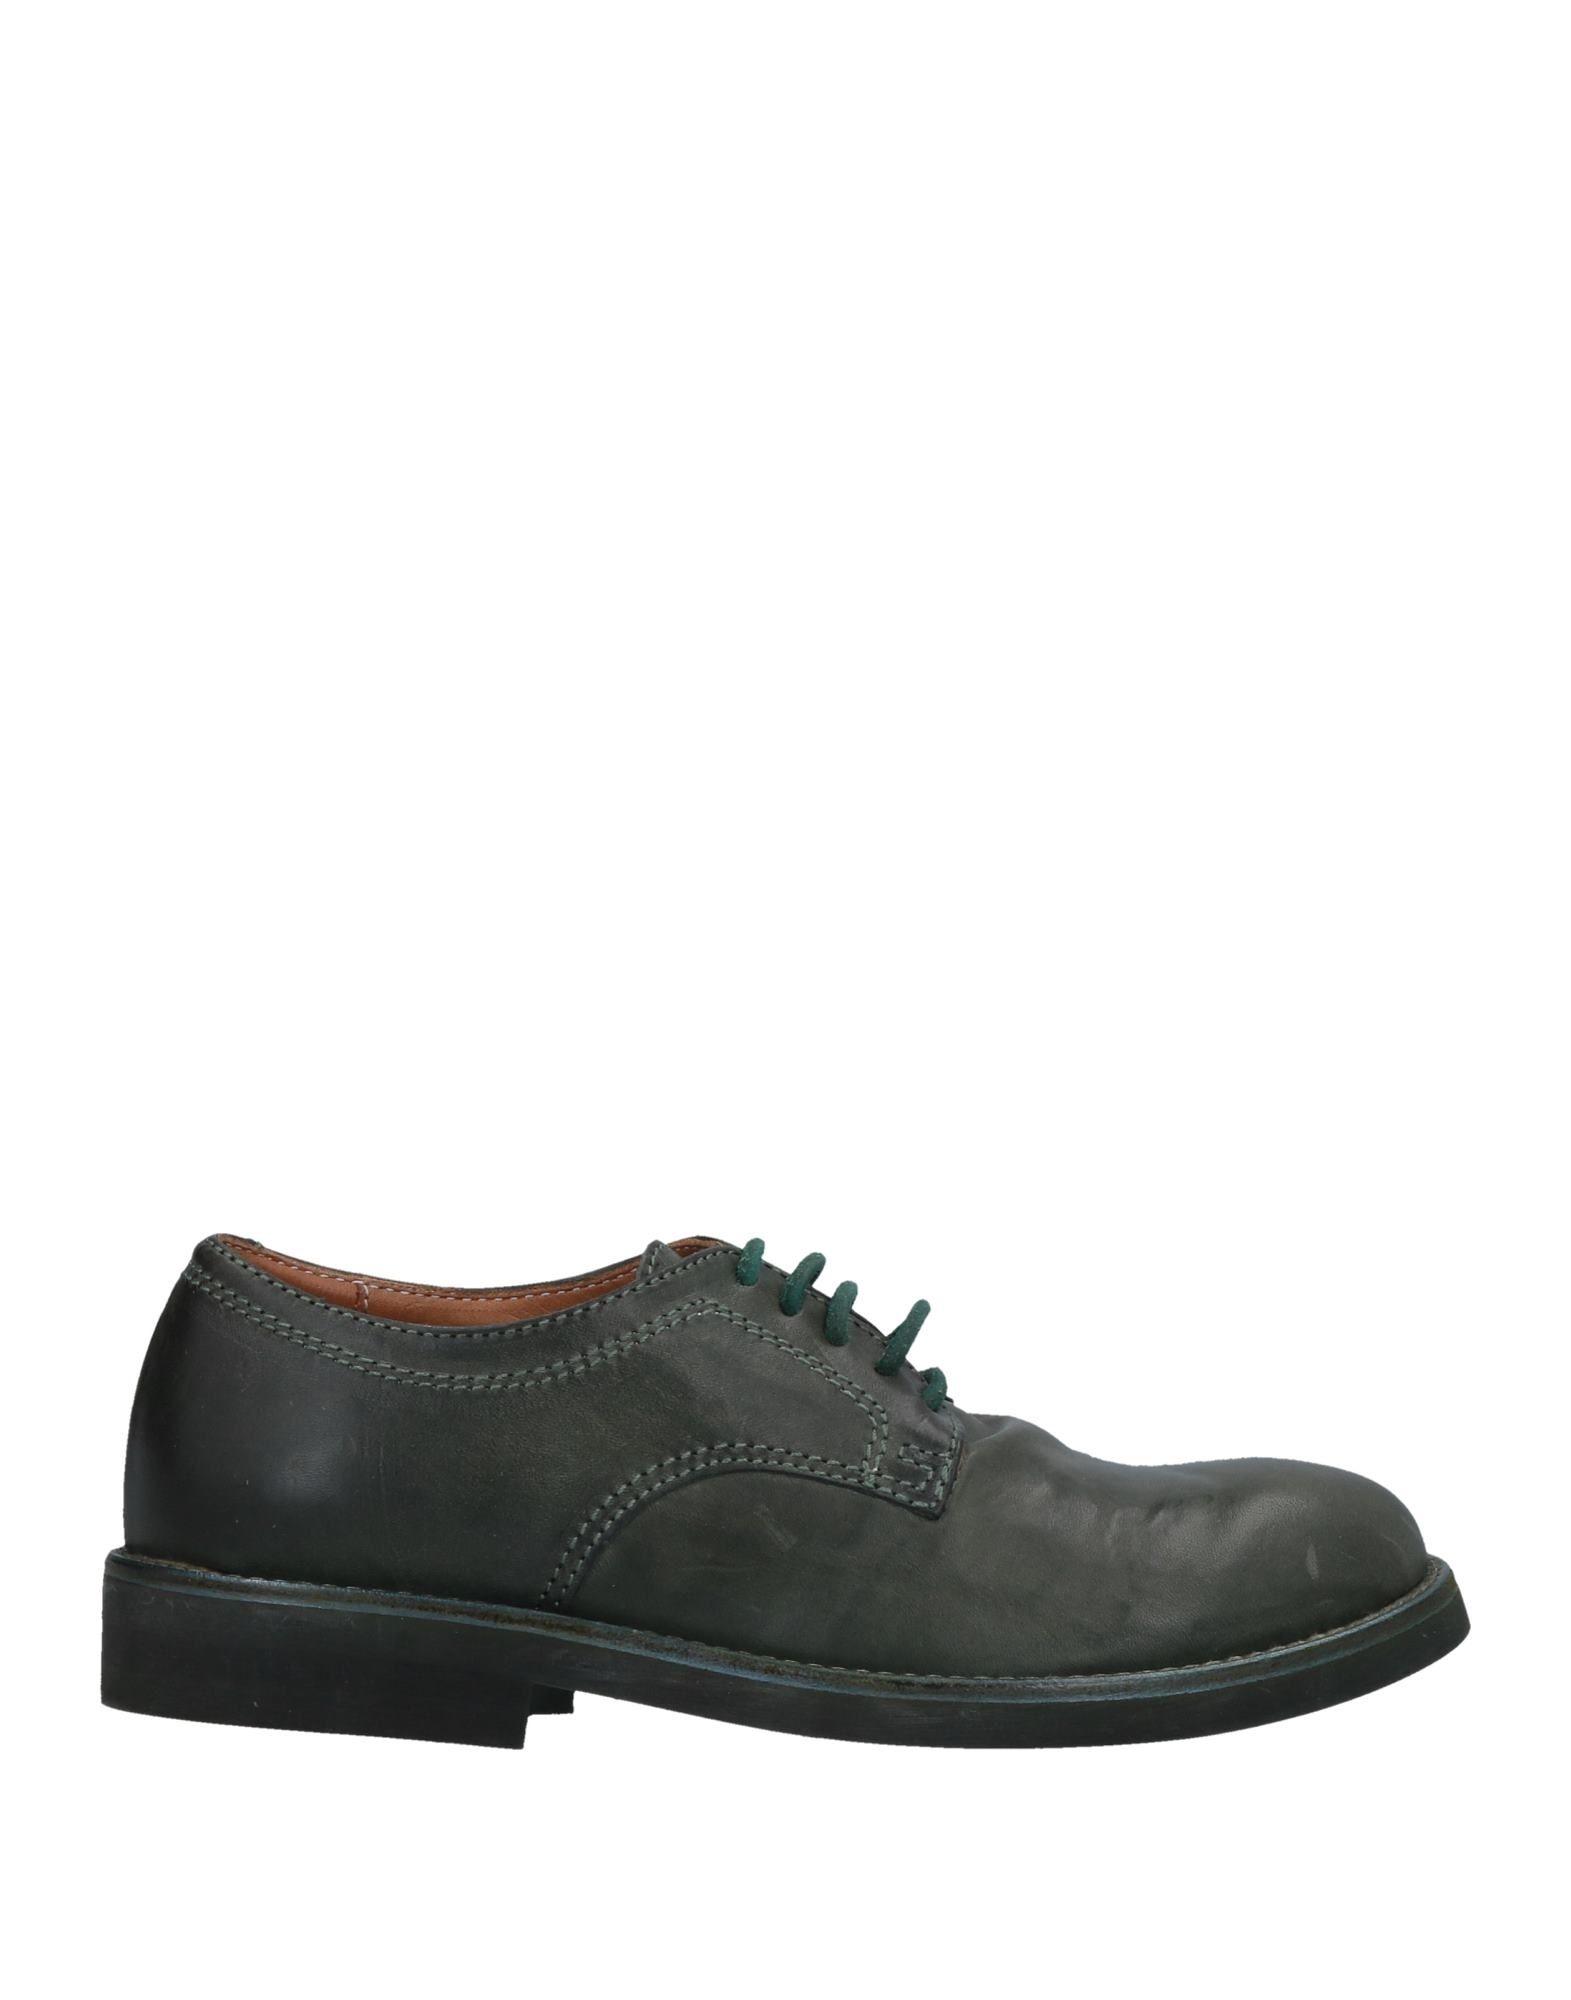 Descuento de la marca Zapato De Mujer Cordones Walker Mujer De - Zapatos De Cordones Walker  Verde oscuro c3dd7c